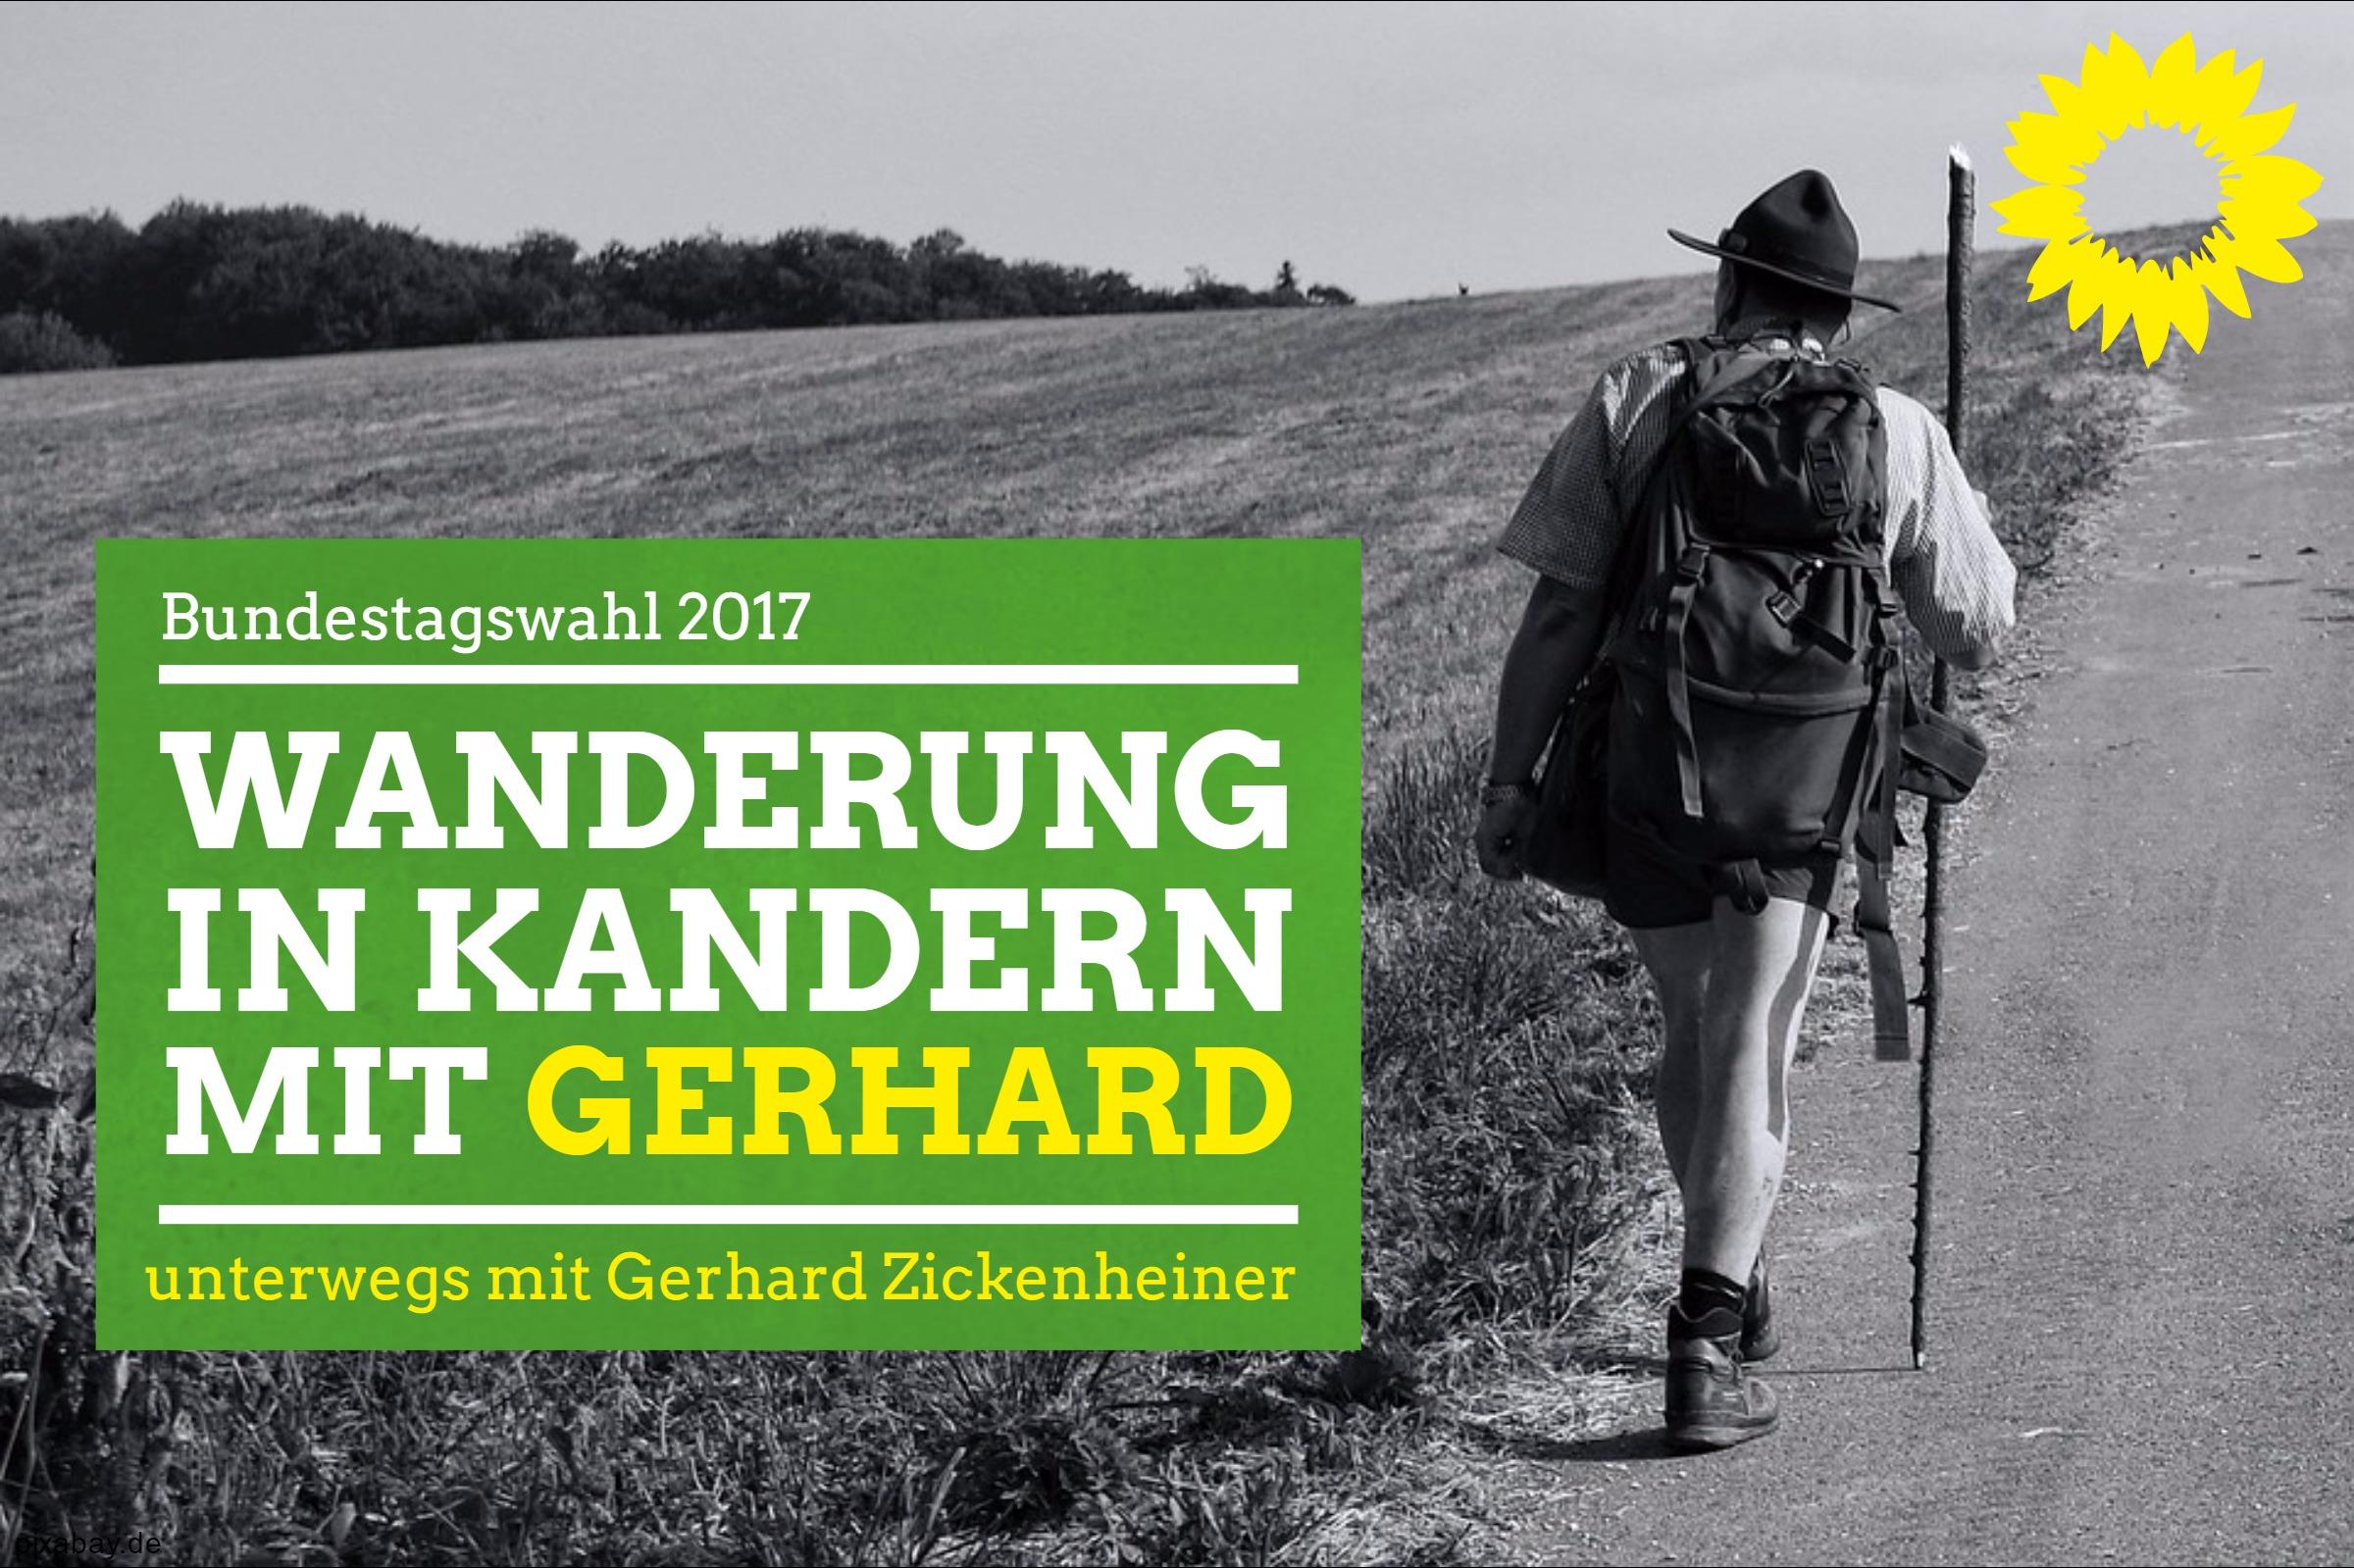 Wanderung in Kandern mit Gerhard Zickenheiner